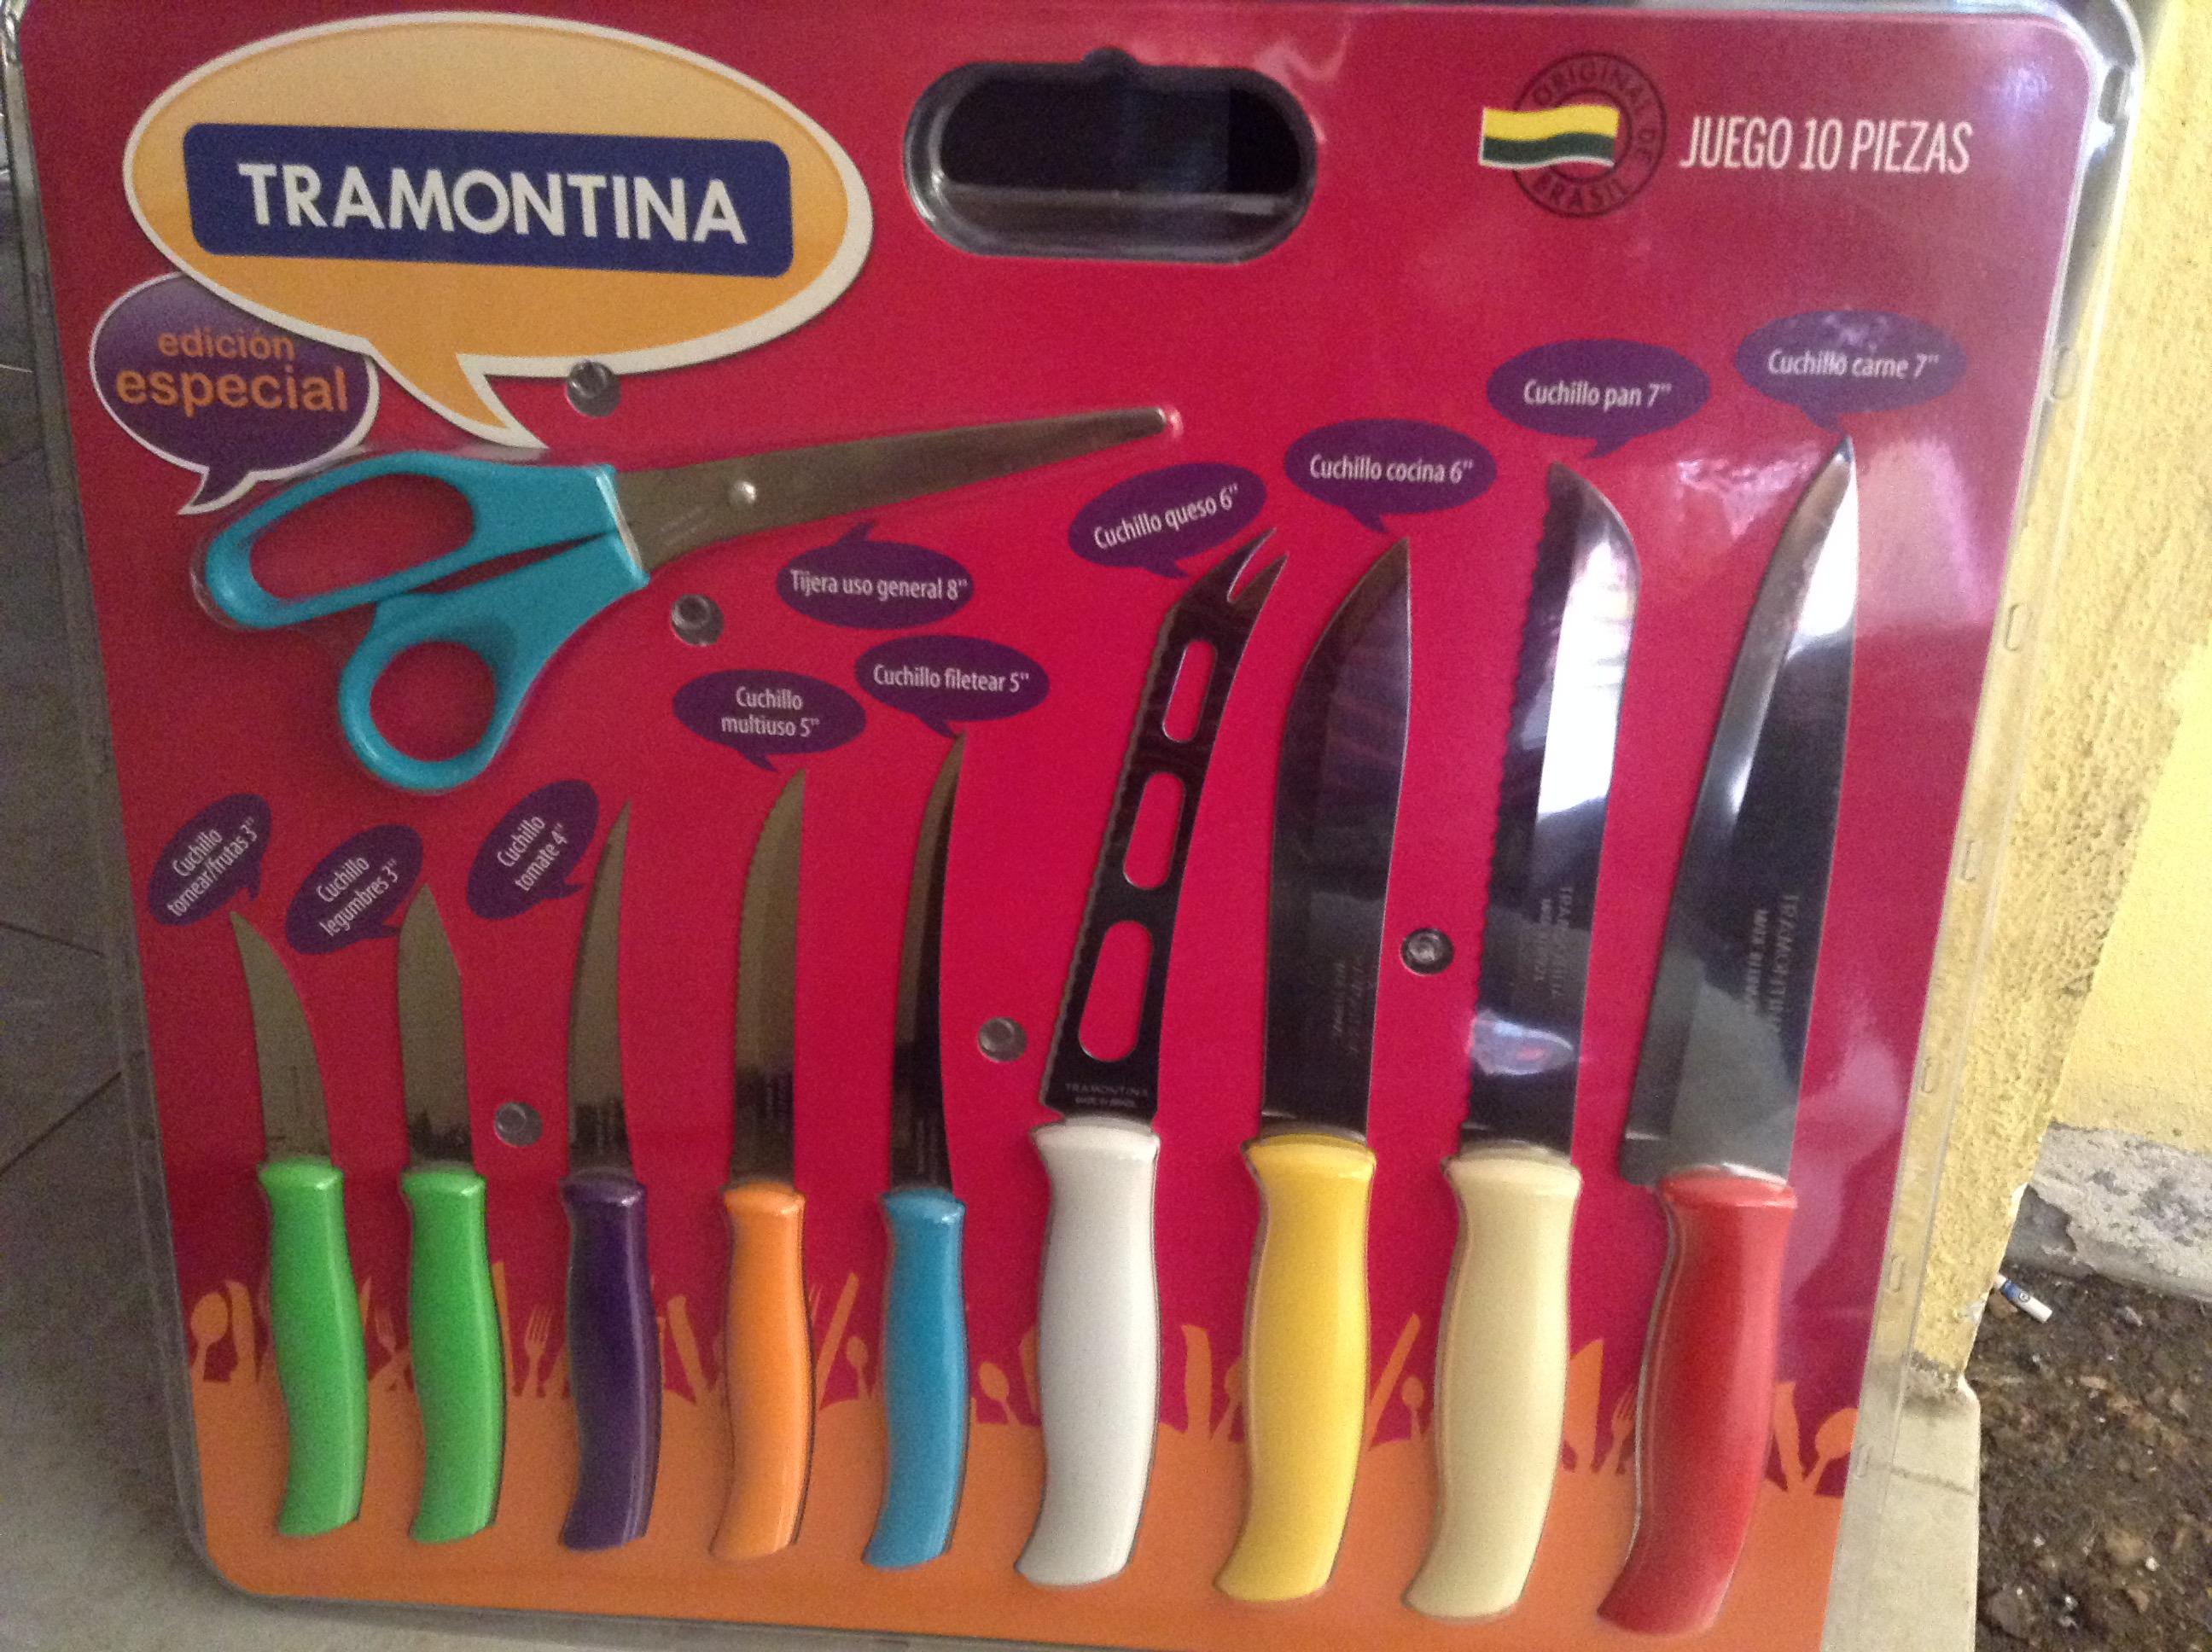 Walmart Eloy Cavazos: Juego de 10 piezas de cuchillos tramontina a $39.01